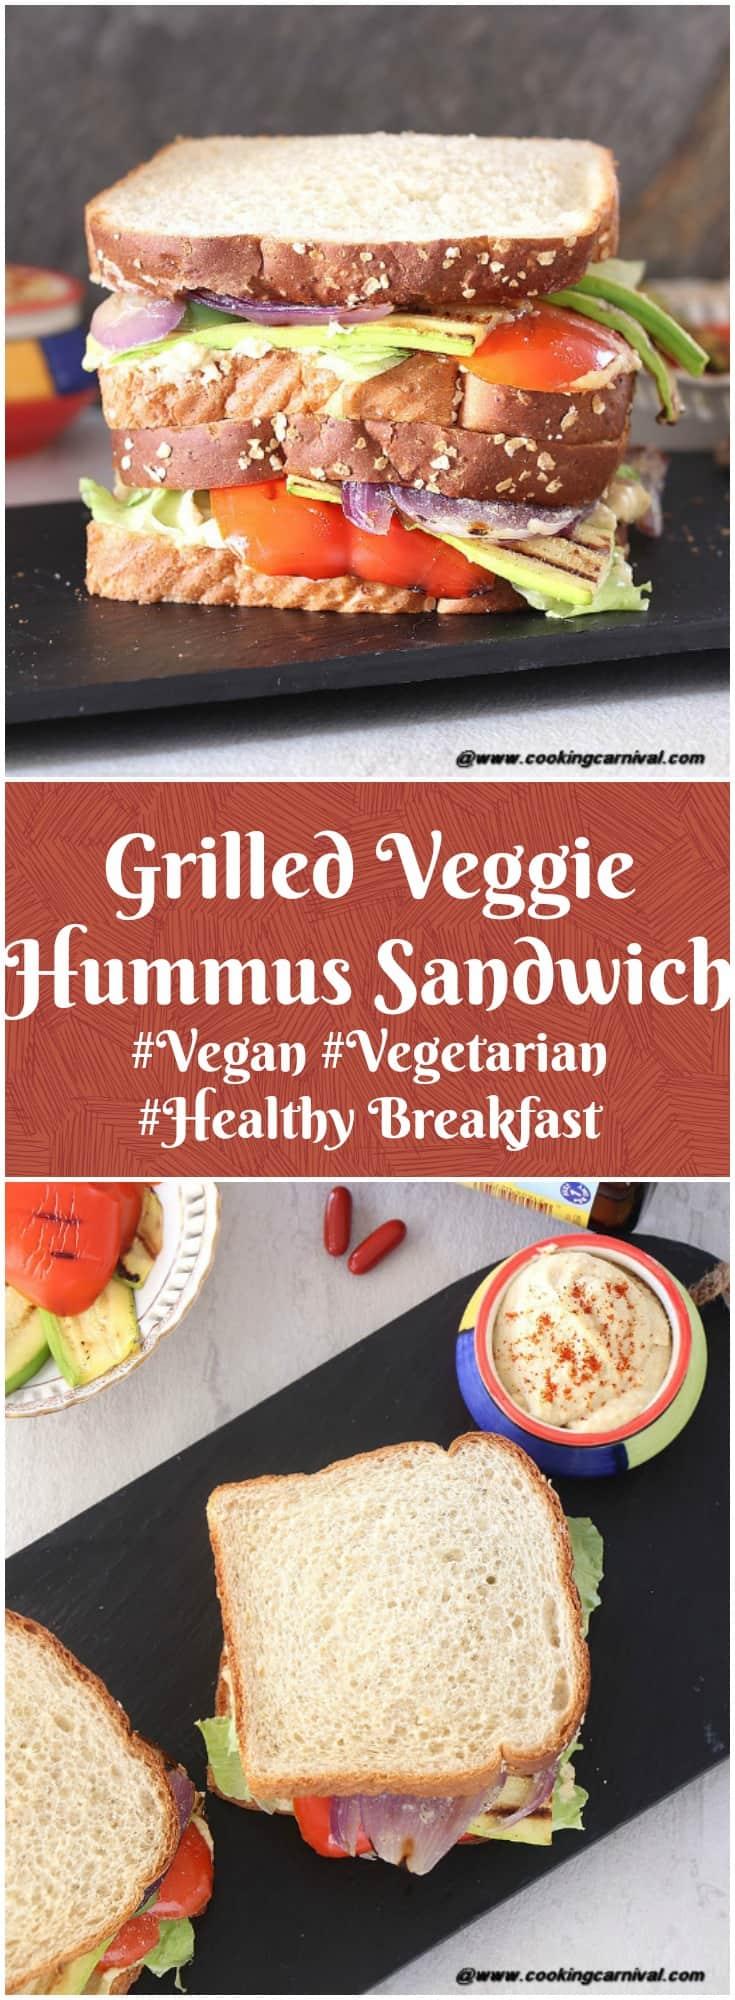 Grilled Veggie Hummus Sandwich